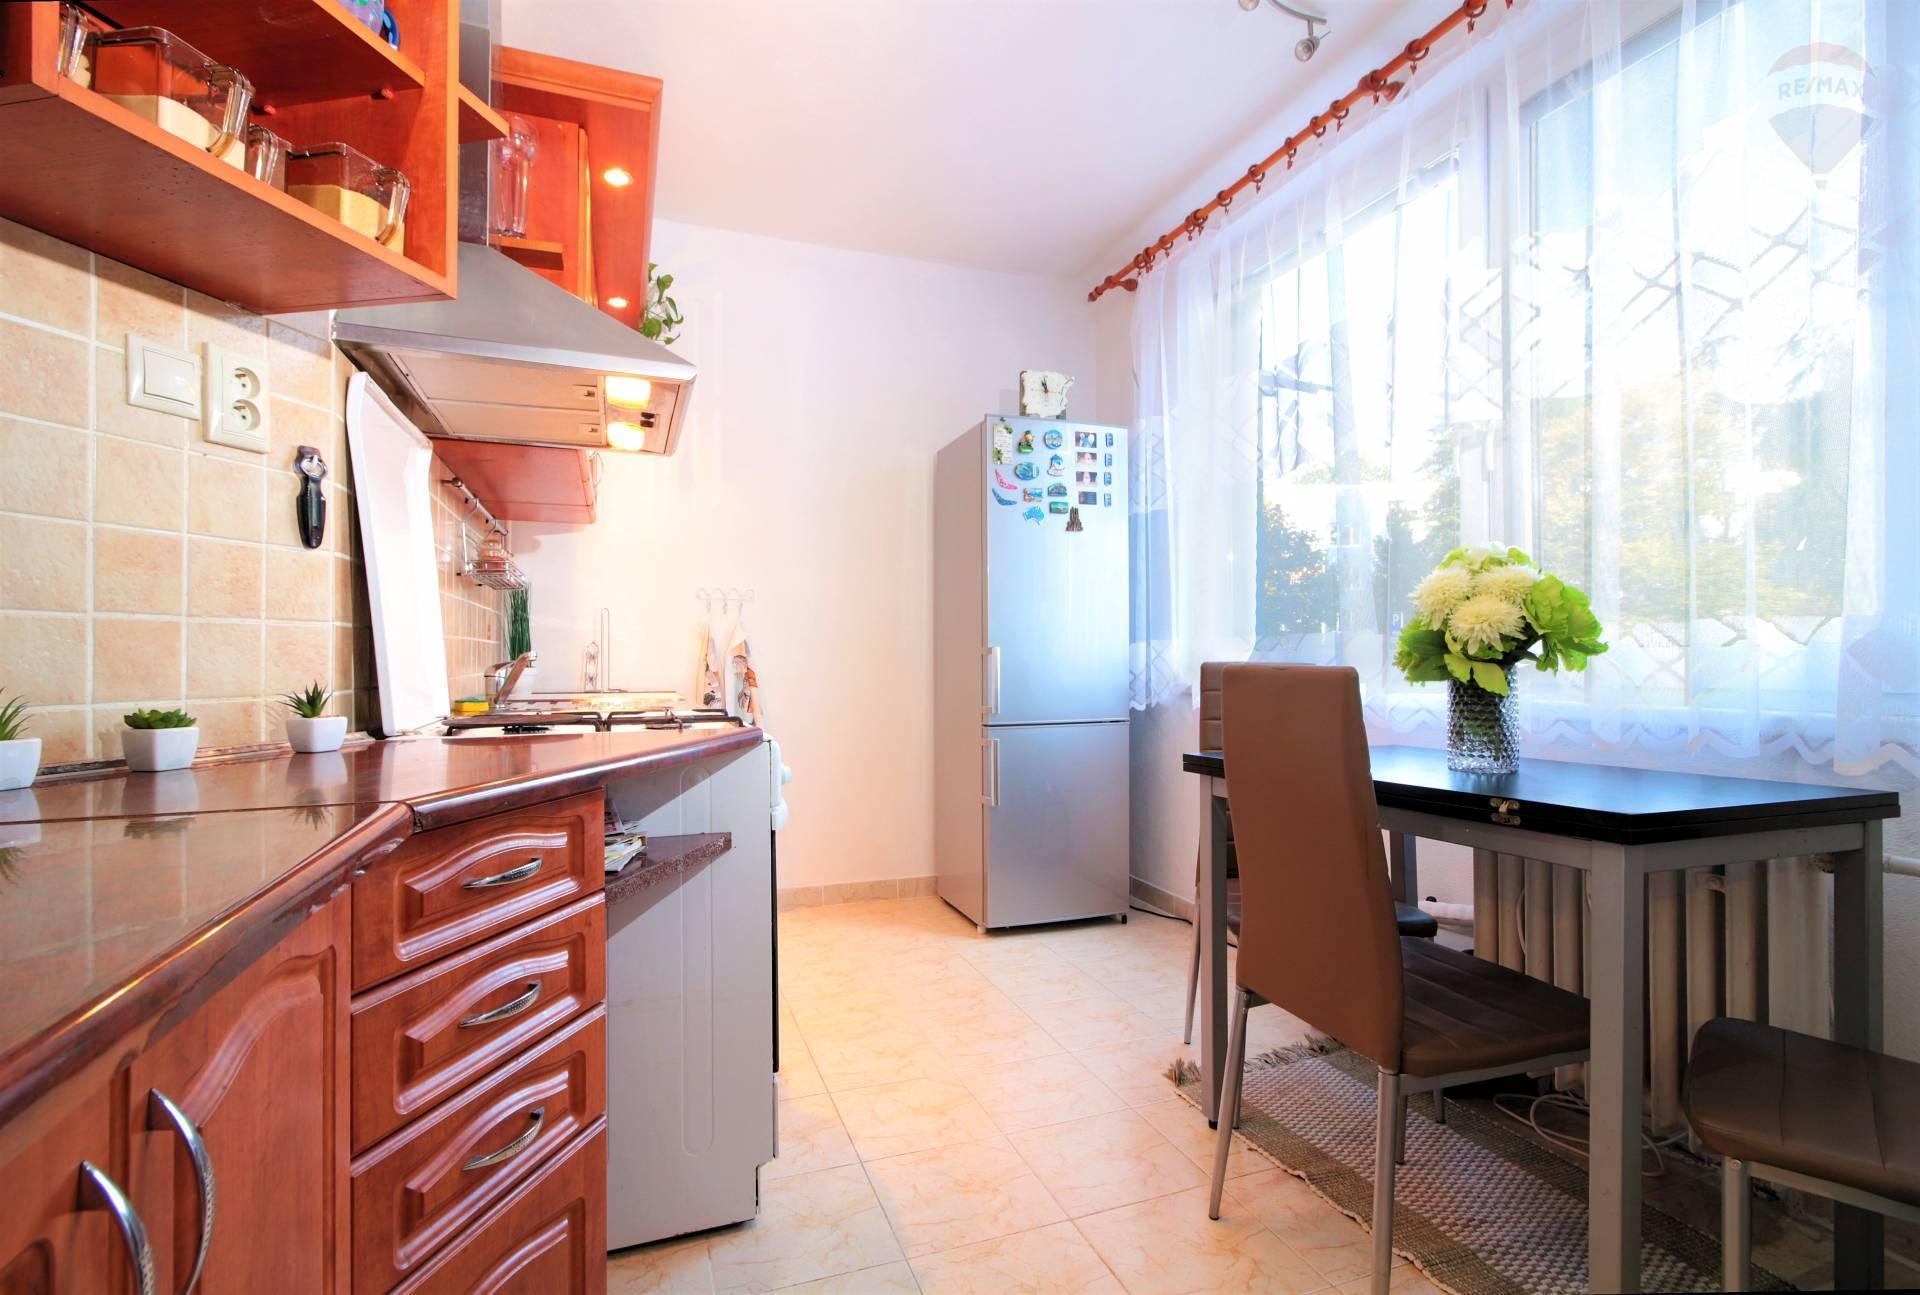 Predaj bytu (3 izbový) 70 m2, Nitra - NA PREDAJ 3 IZBOVÝ BYT, NITRA - LOMNICKÁ, MESTSKÁ ČASŤ CHRENOVÁ